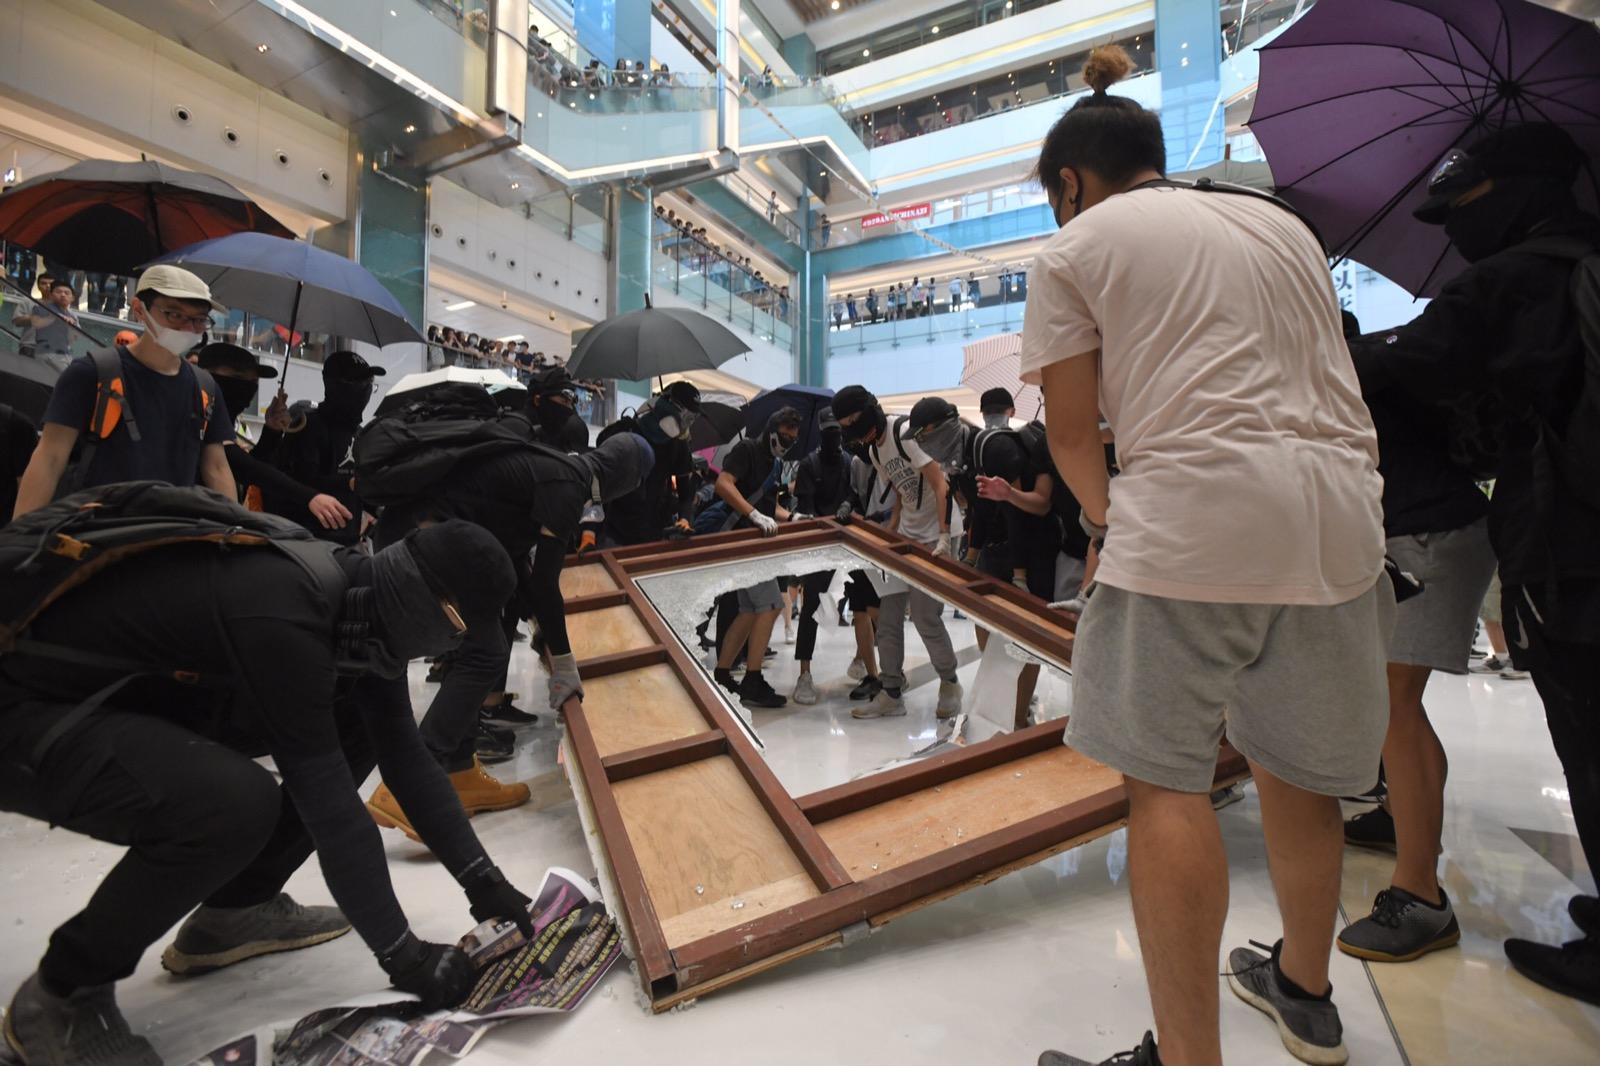 【修例风波】示威者破坏新城市广场设施 新地强烈谴责滋扰租户顾客